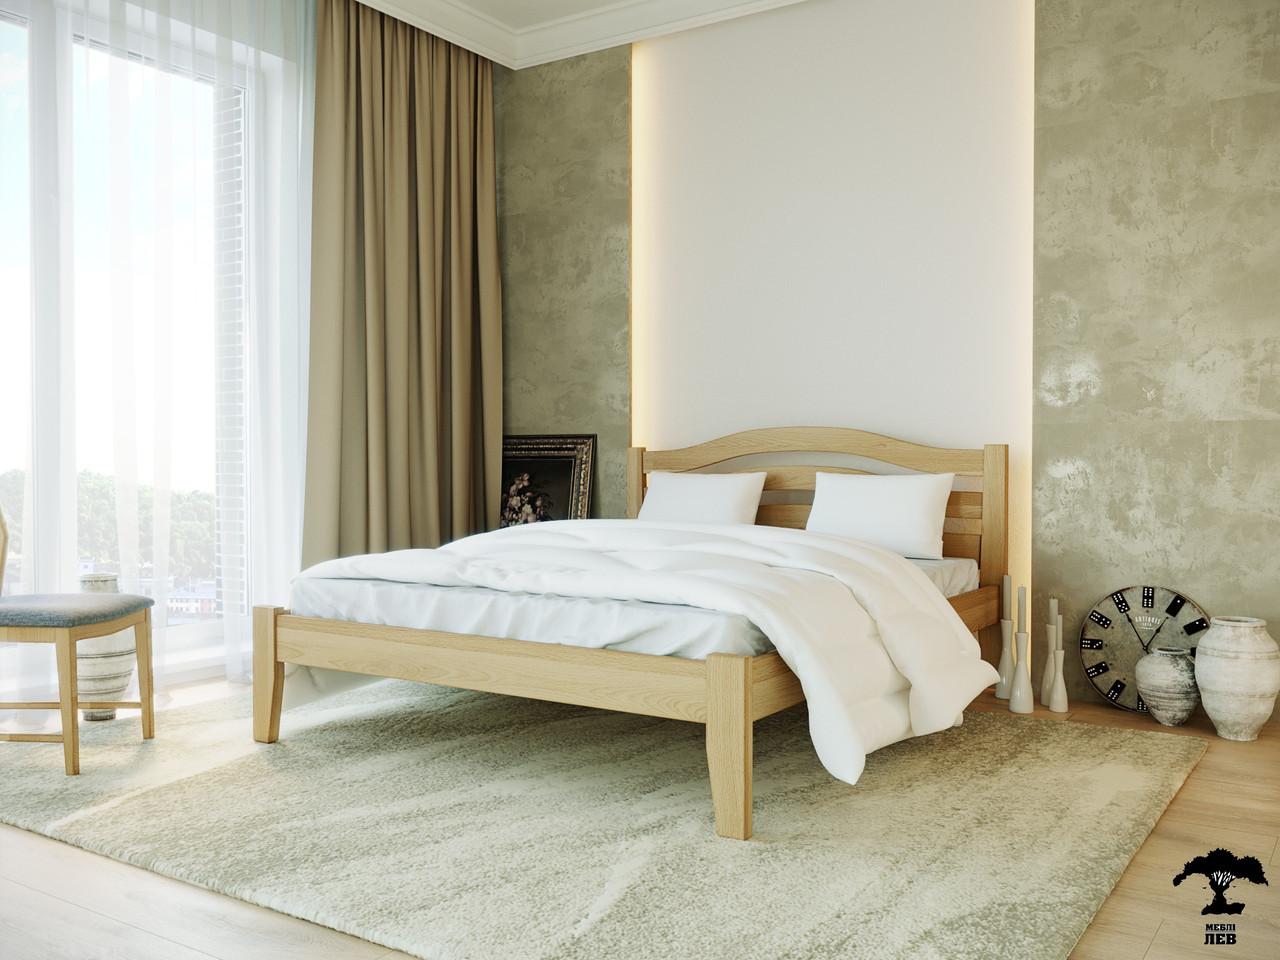 Ліжко двоспальне з натурального дерева в спальню змасиву бука Афіна нова 160х190 Лев